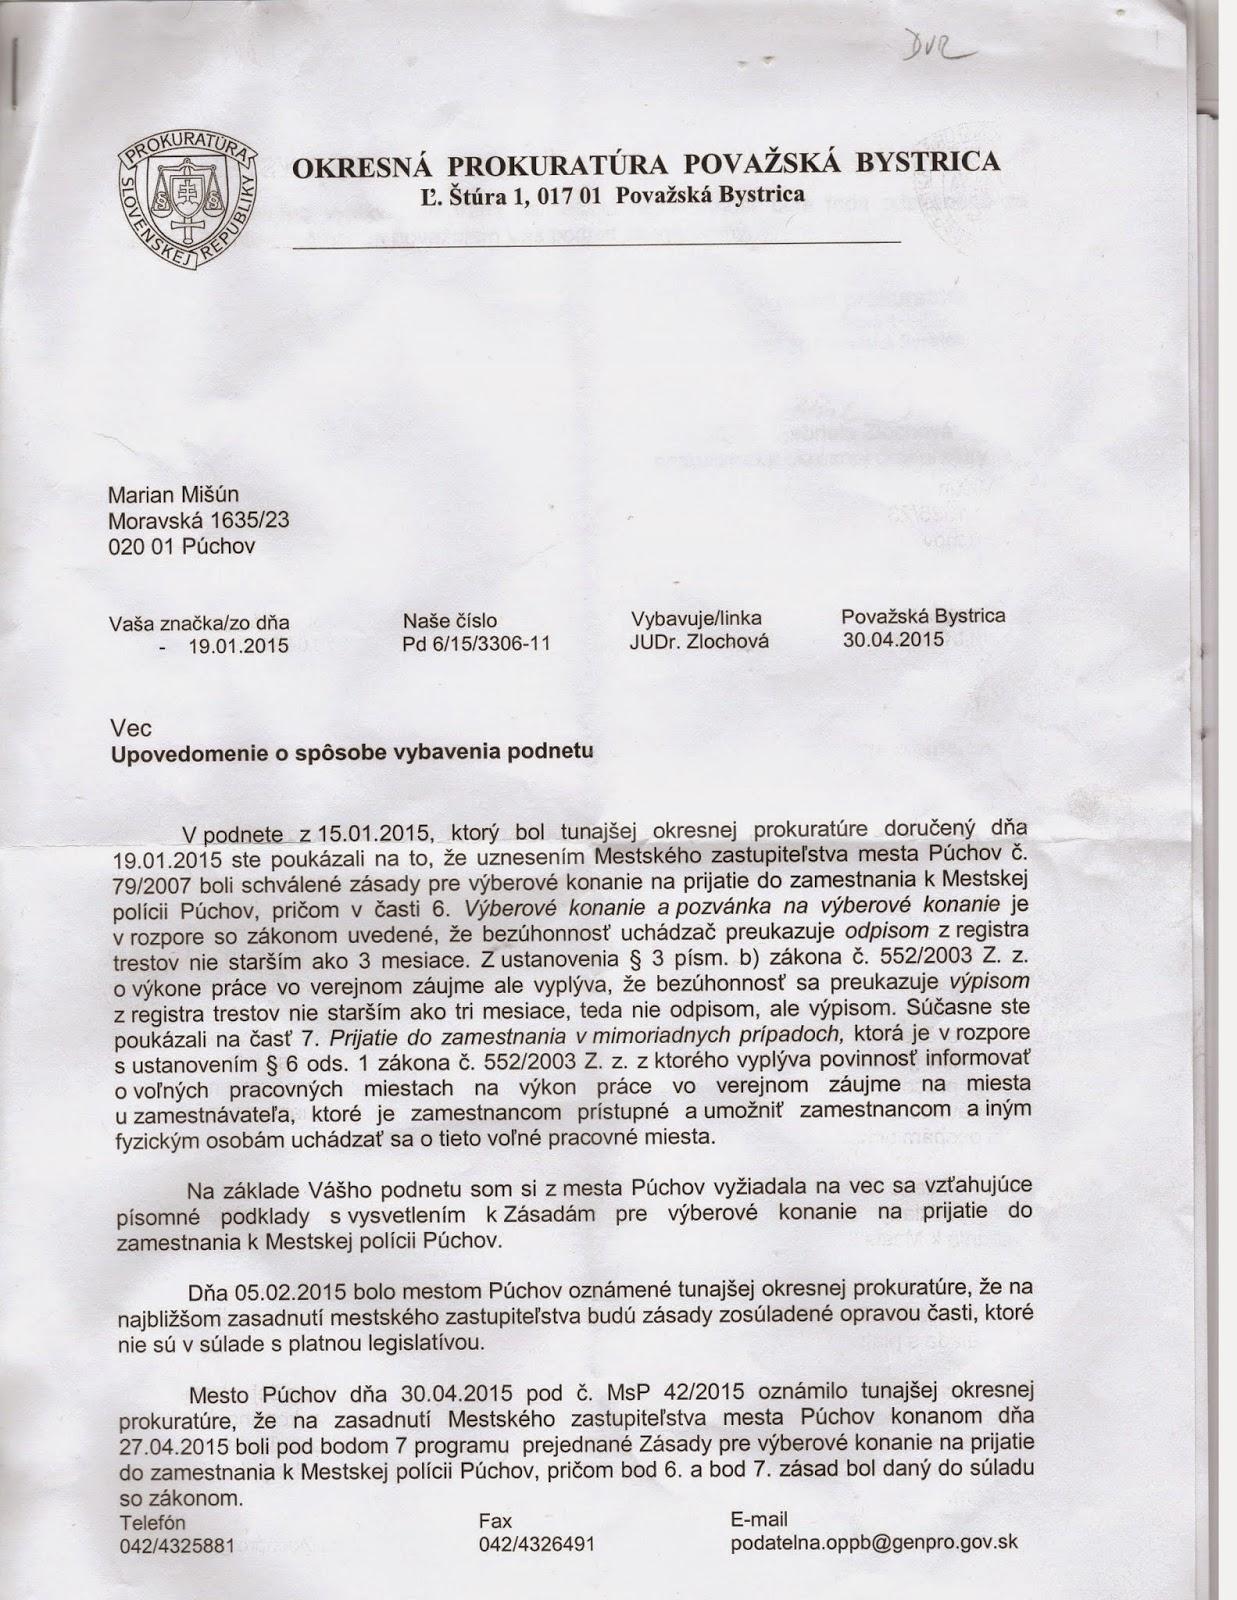 A Spravodajstvo Zasady Vyberovych Konani K Mestskej Policii Puchov